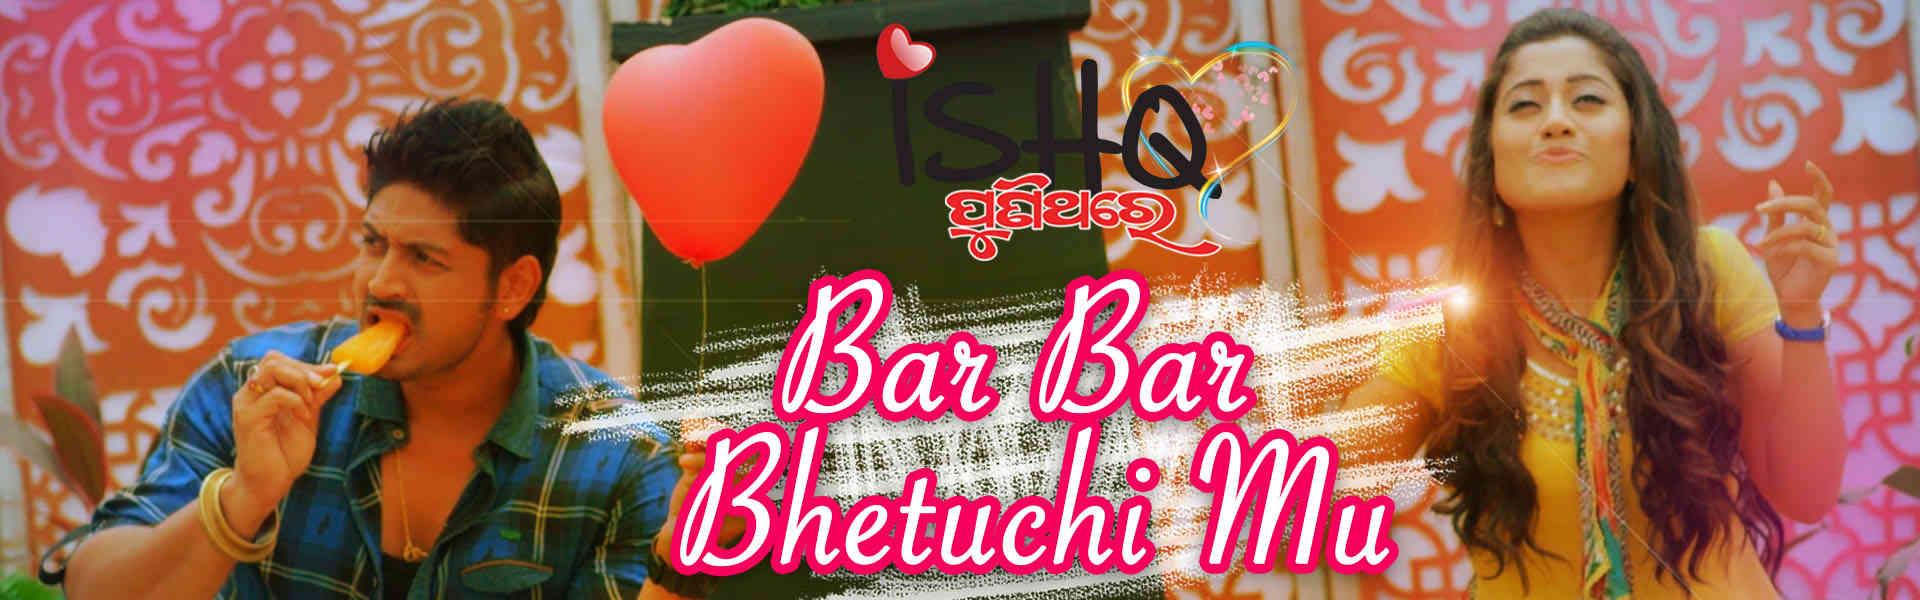 Bar Bar Bhetuchi Mu